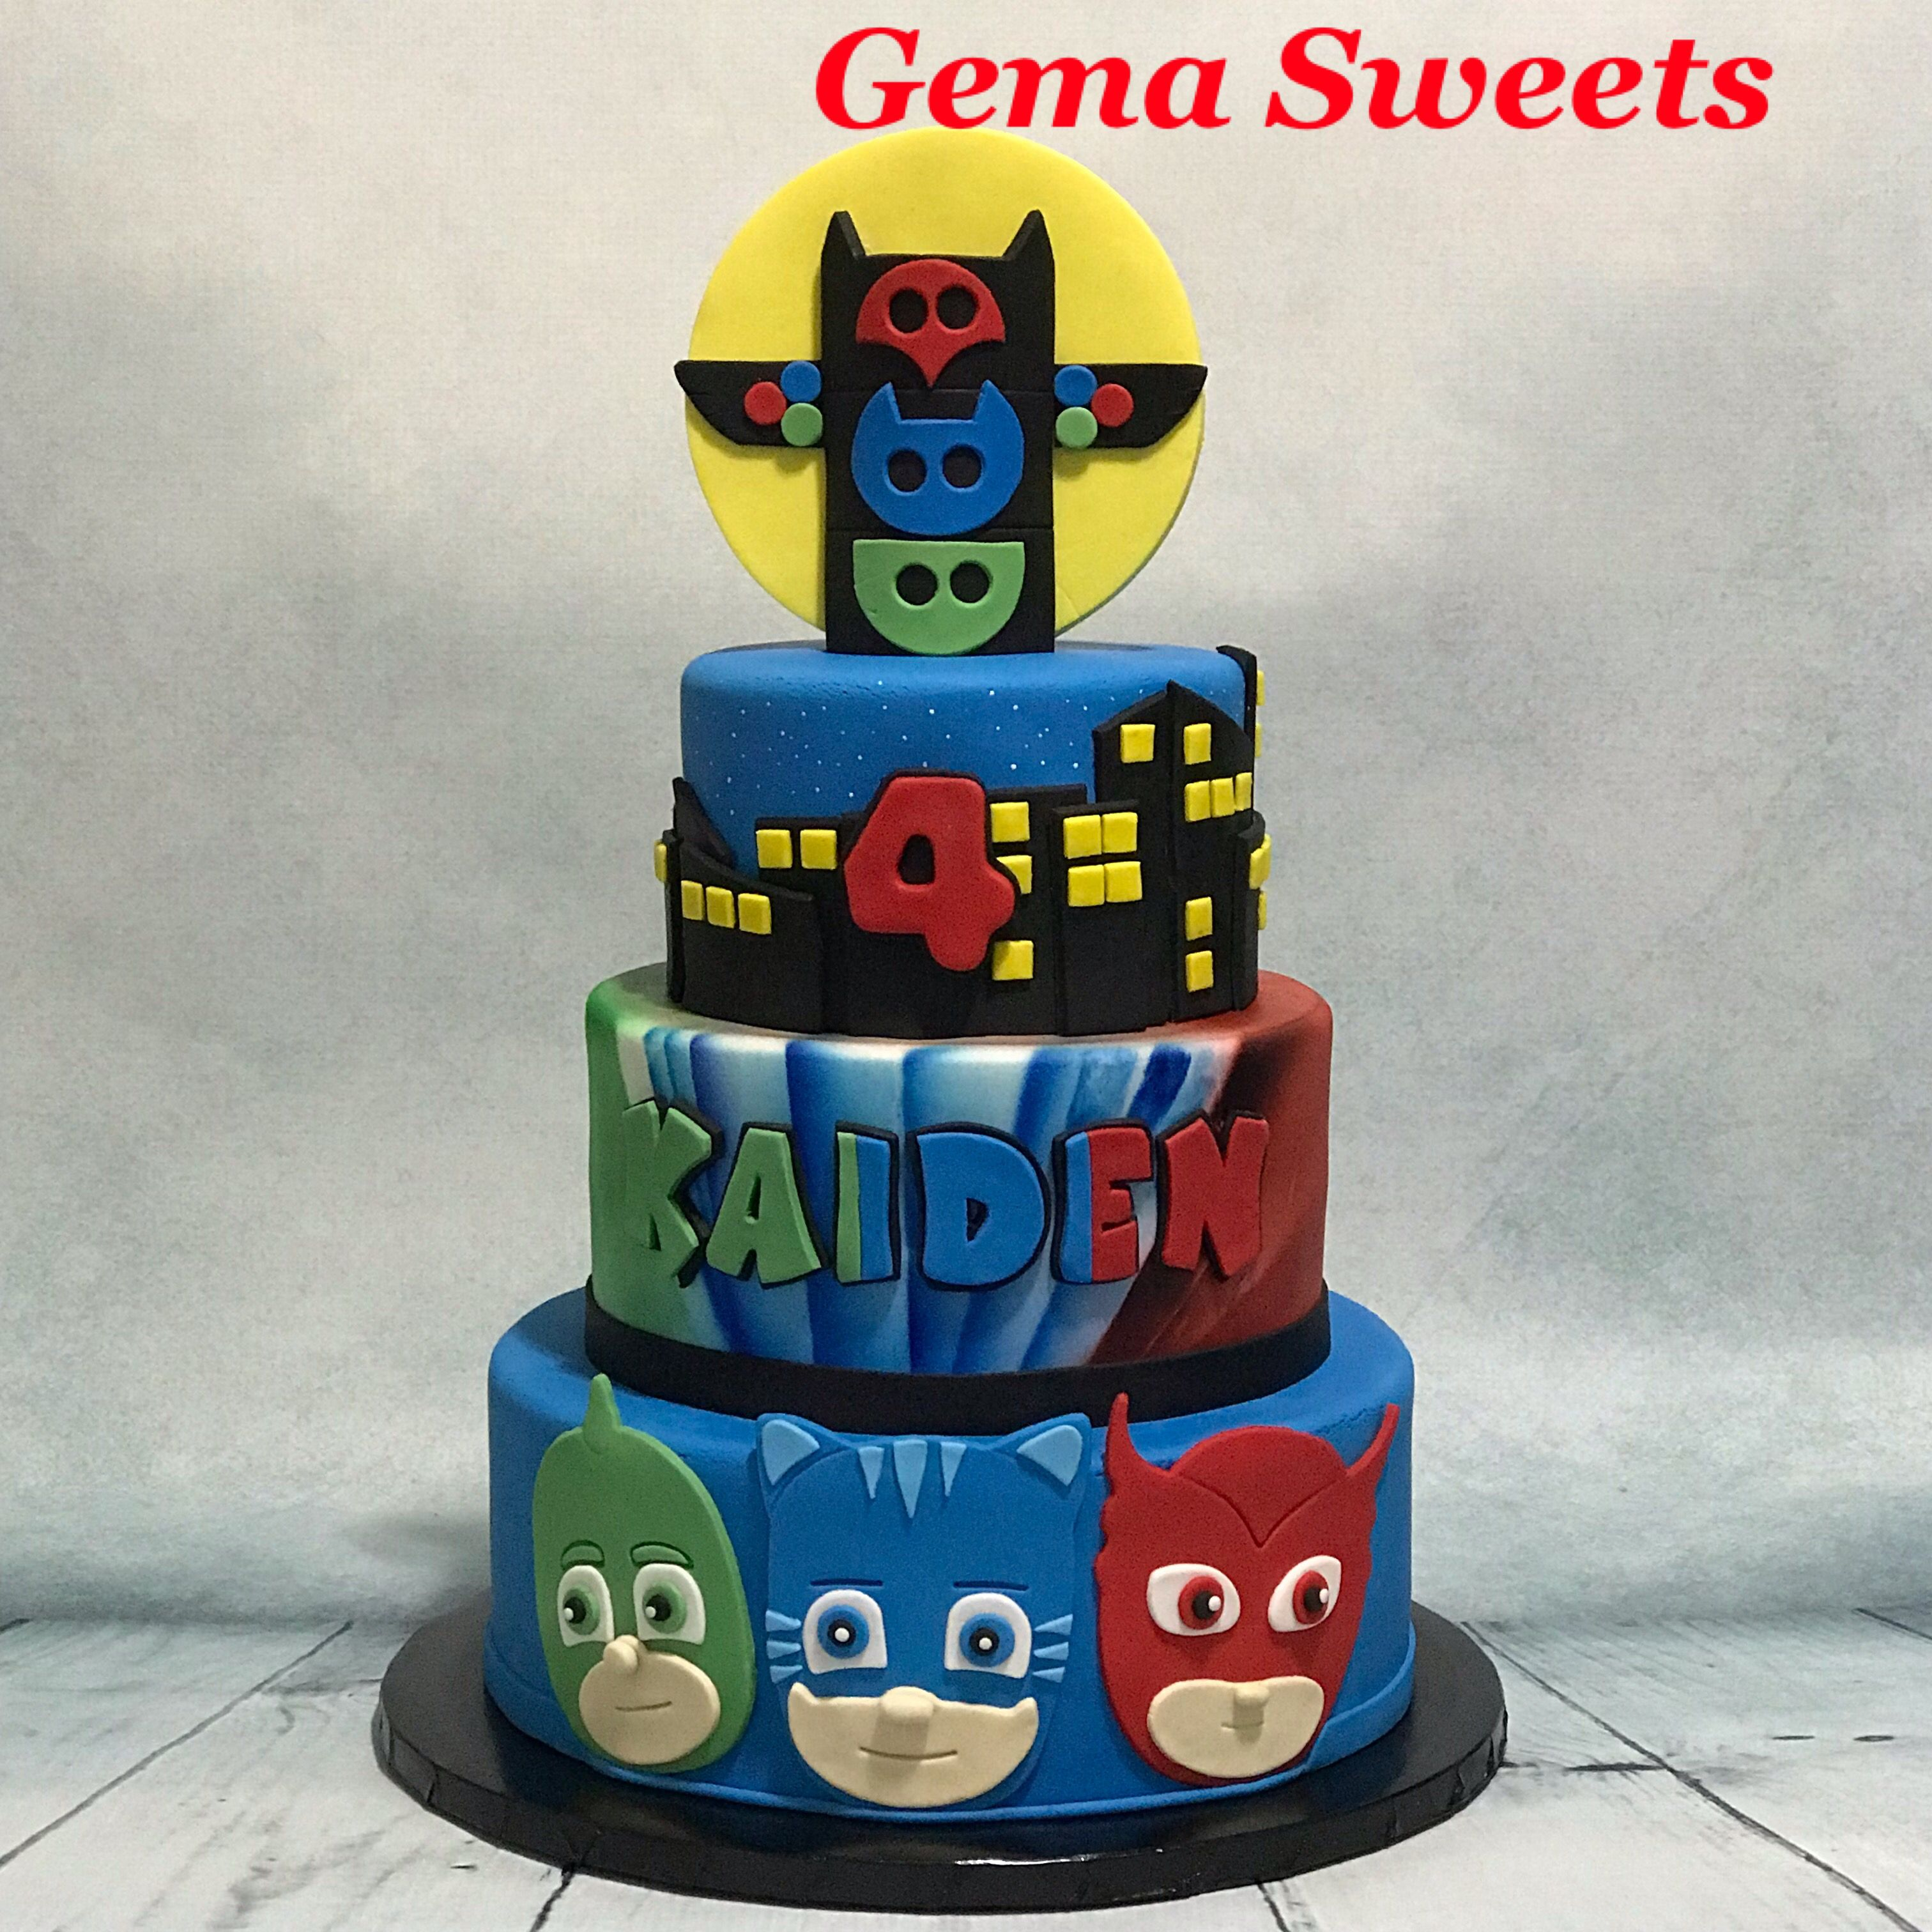 pj masks cakegema sweets  pj masks cake 4th